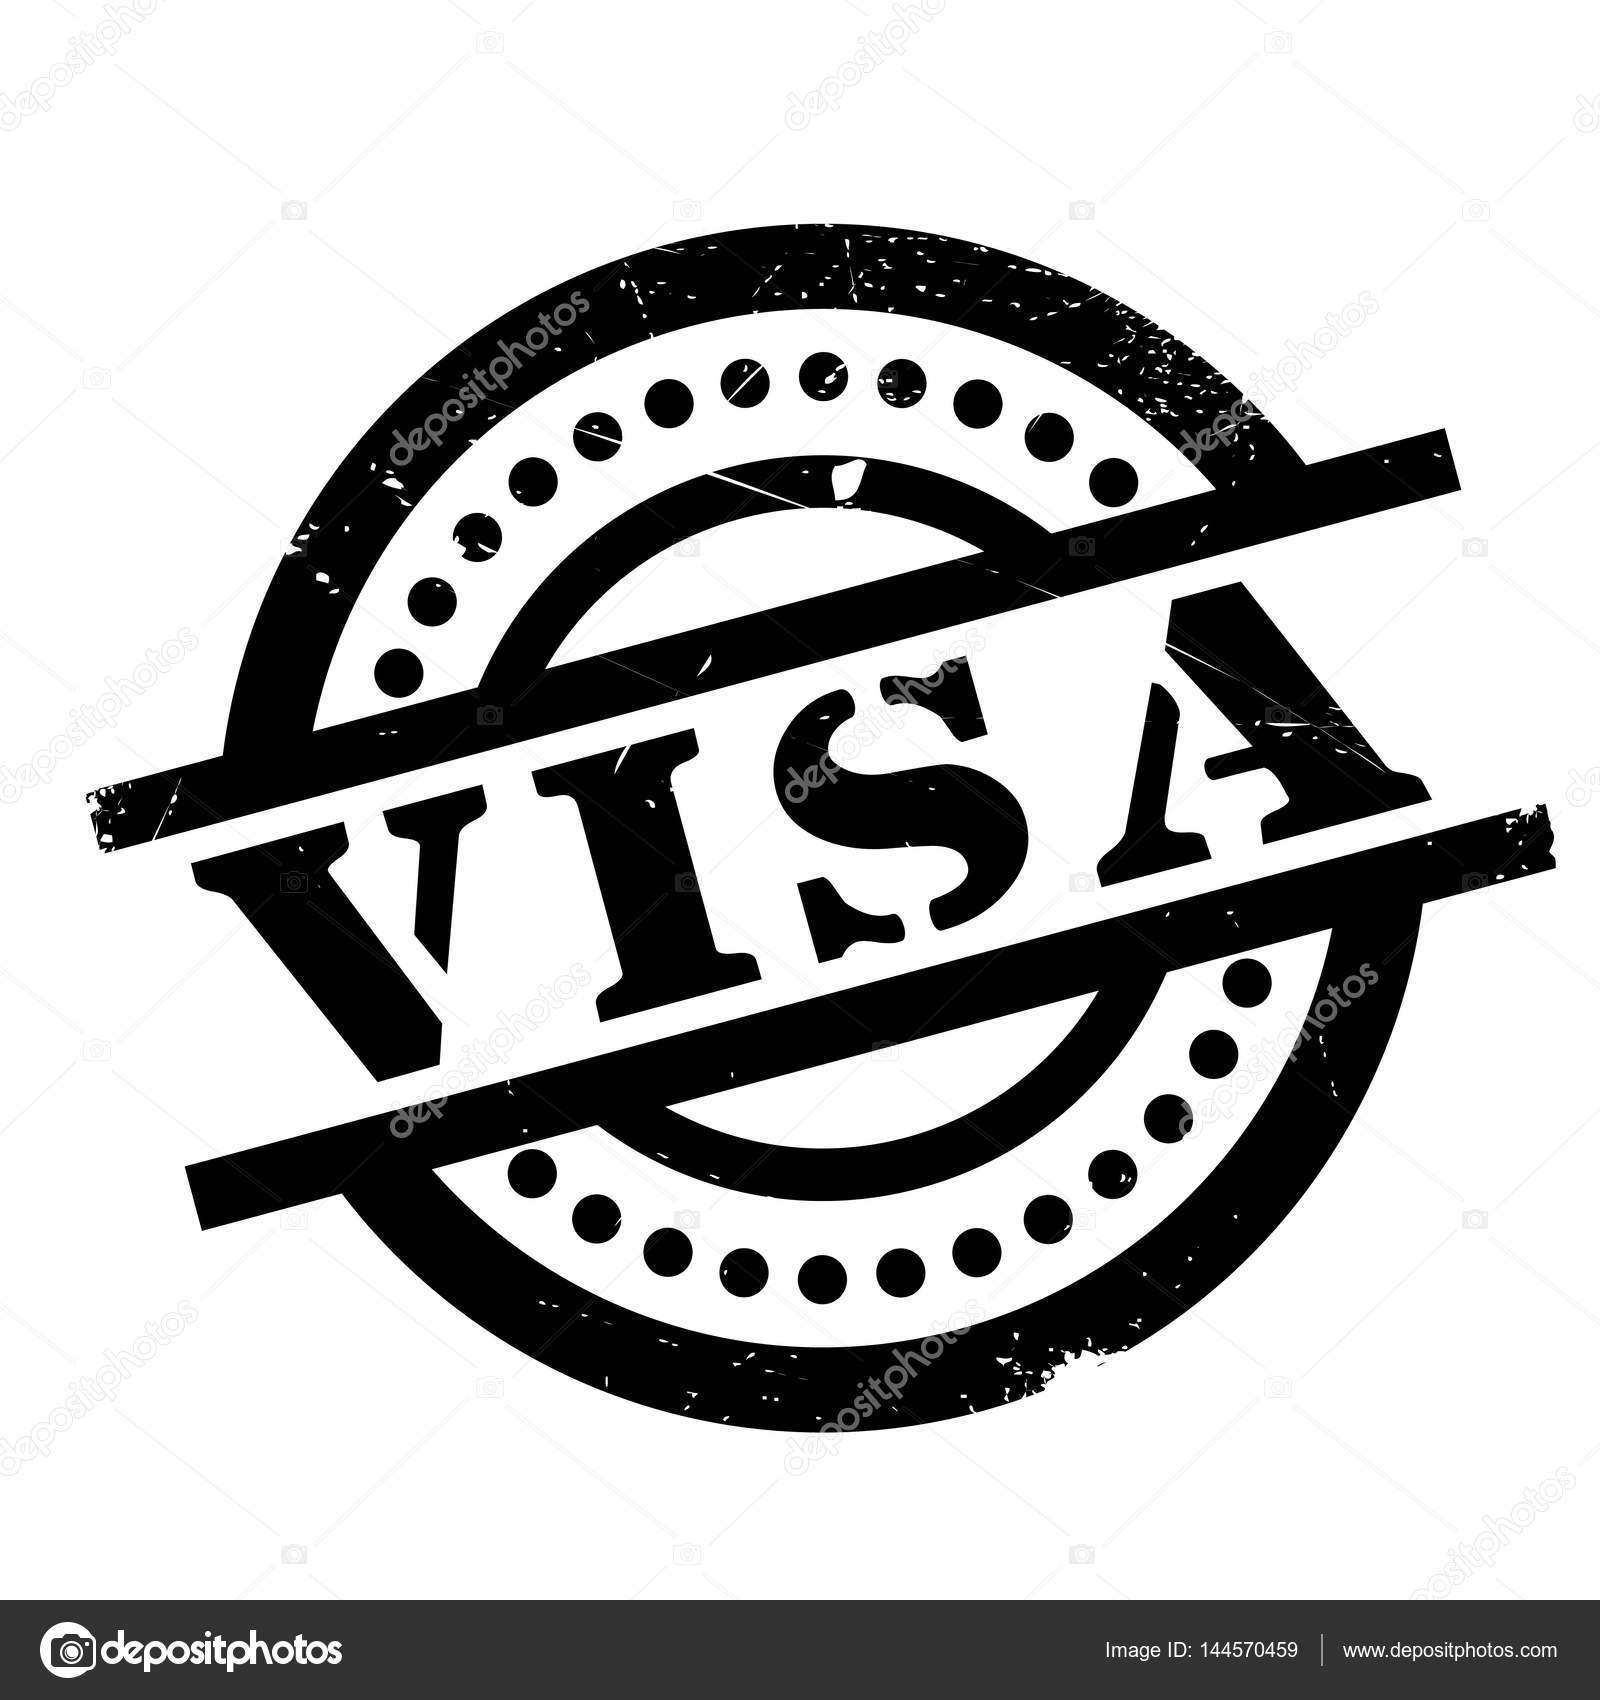 Visa rubber stamp stock vector lkeskinen0 144570459 visa rubber stamp stock vector biocorpaavc Choice Image